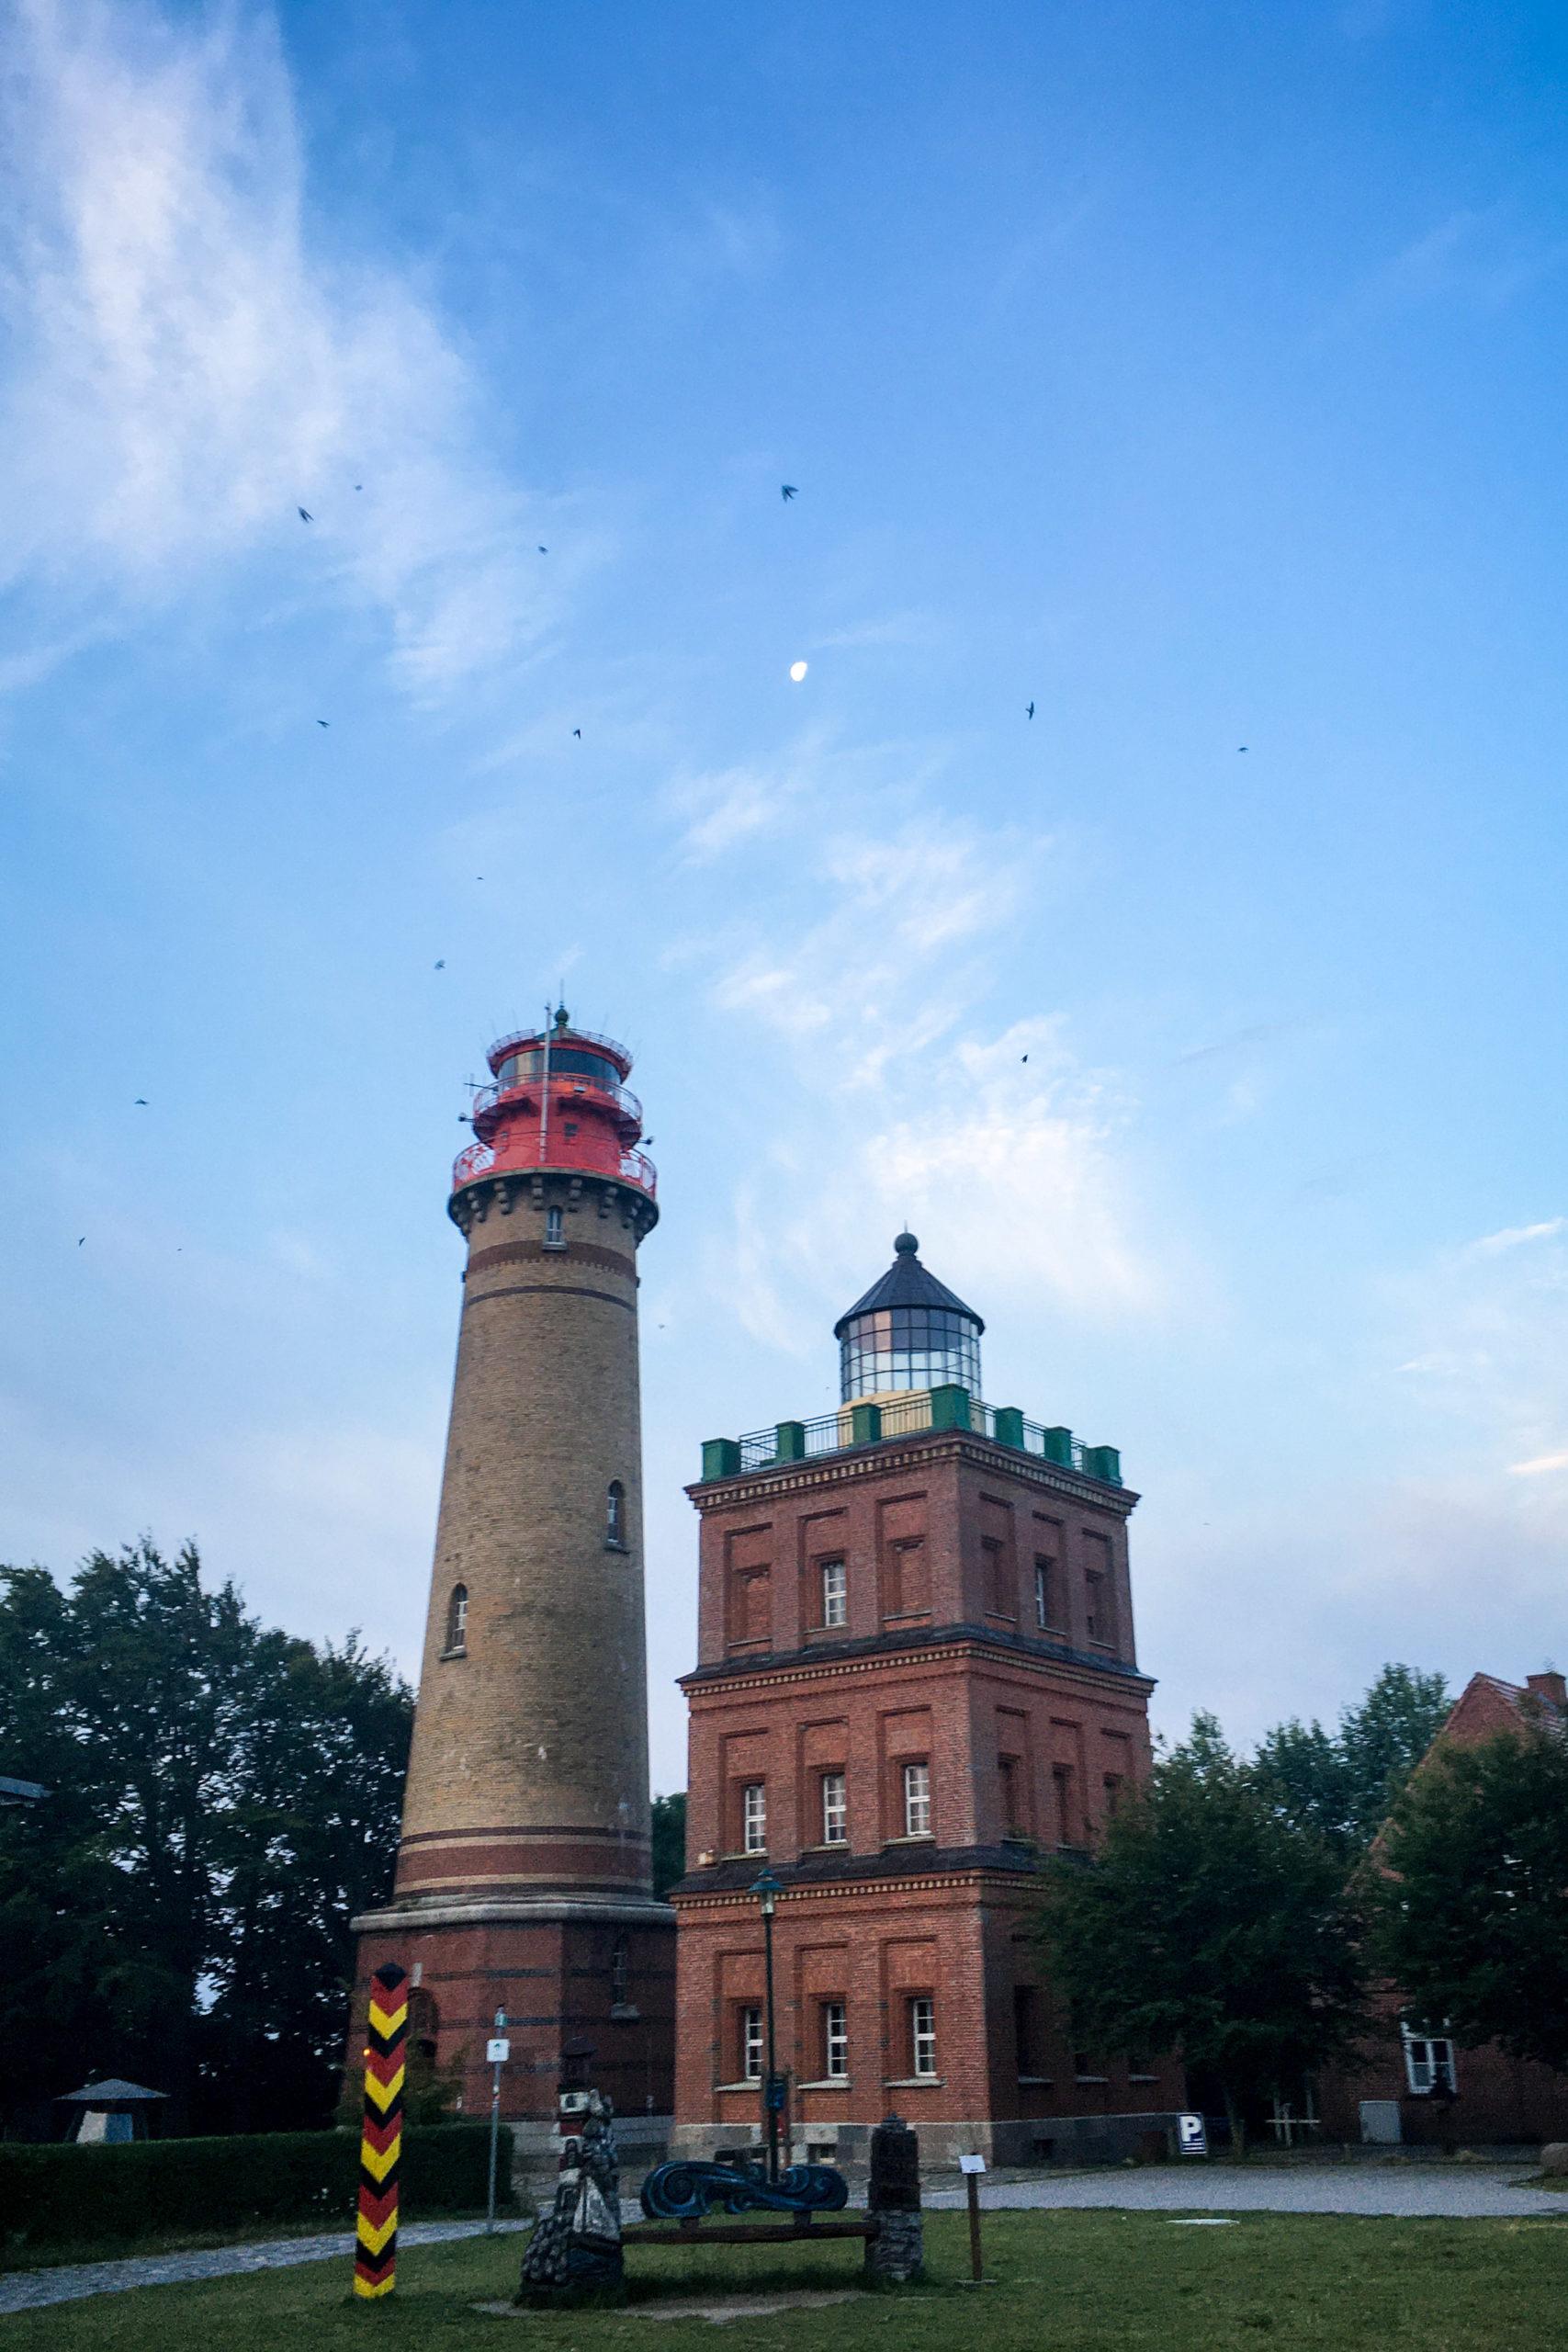 Leuchtturm, nebst Getier und Mond